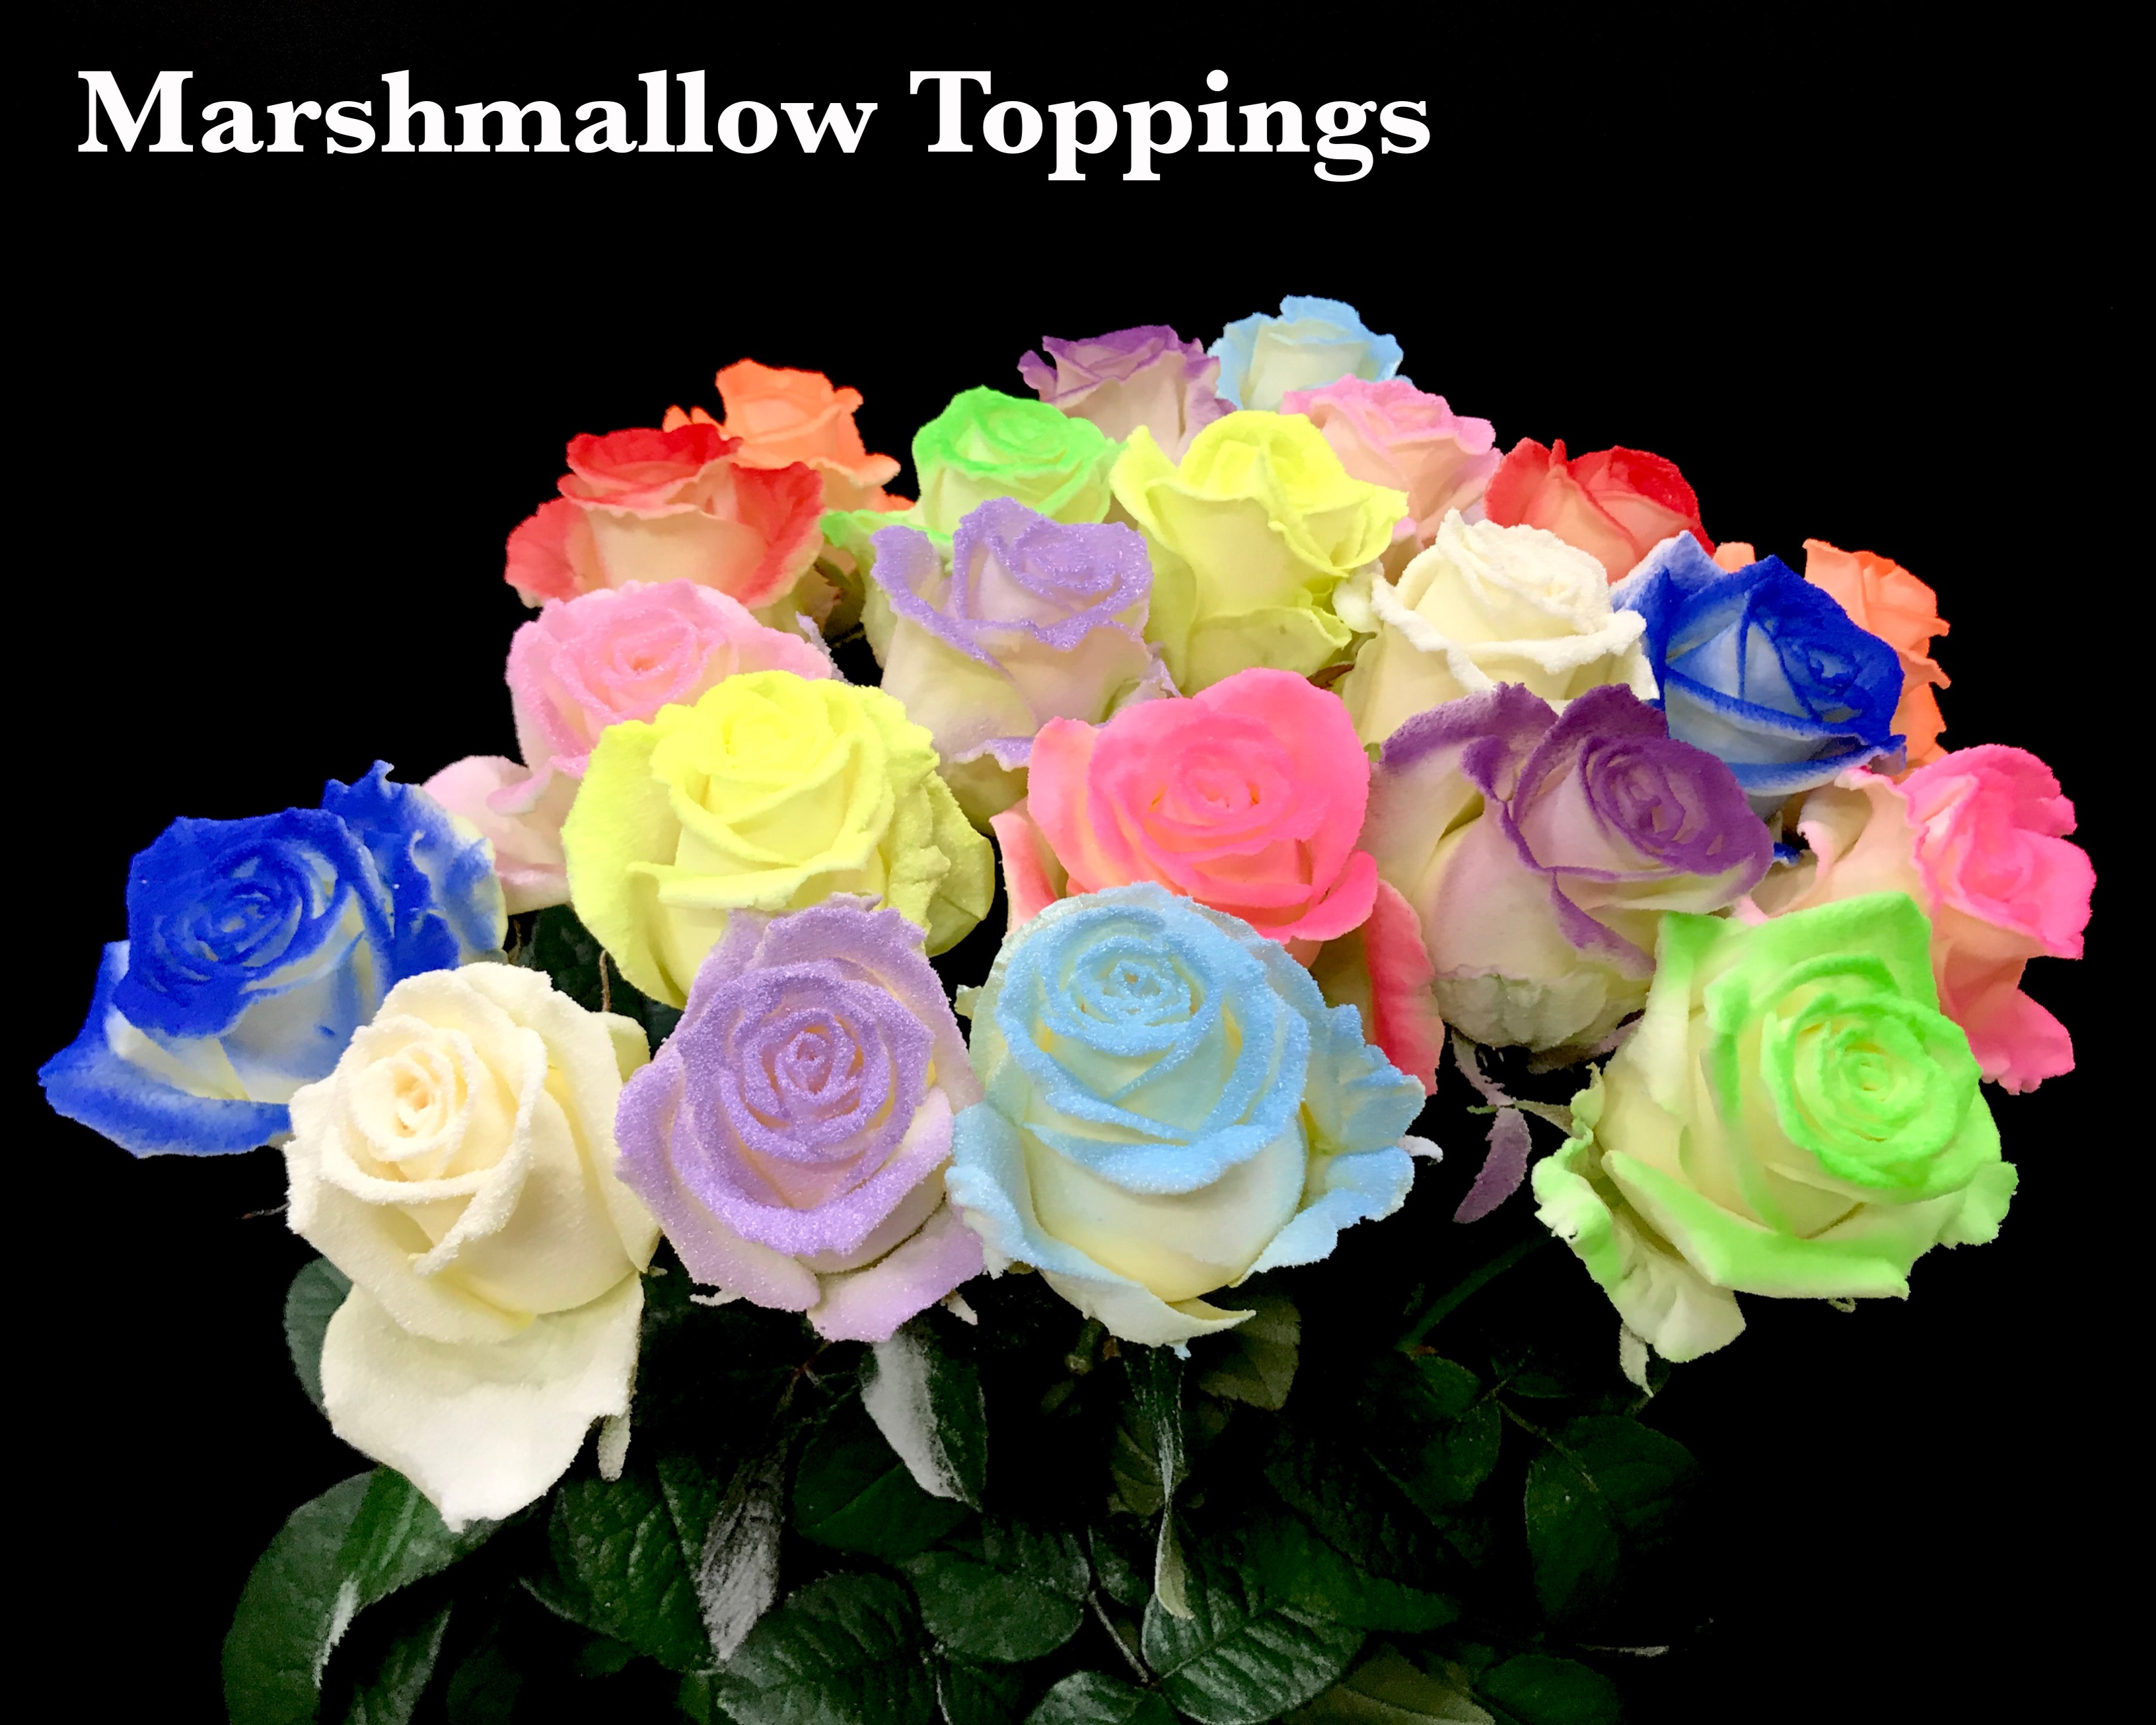 The Marshmallow Toppings - Sassen B.V. - VIP Roses